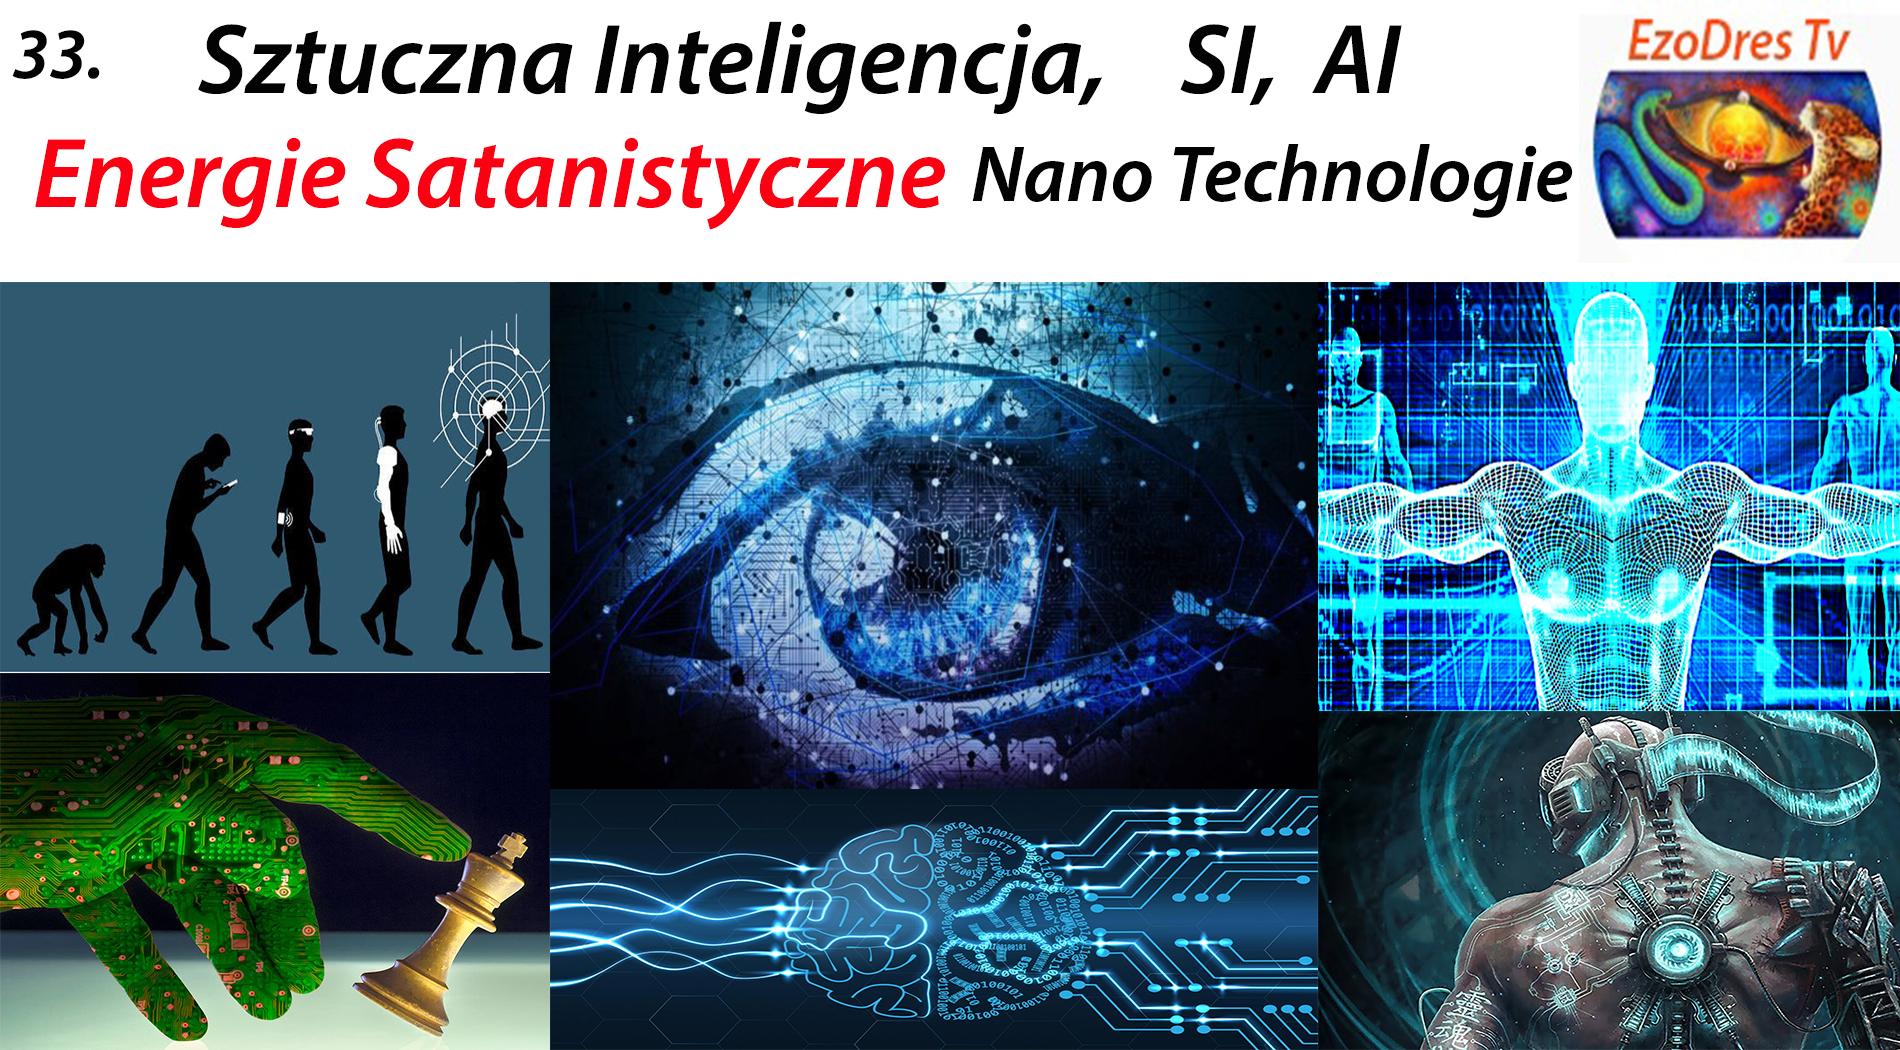 33. Sztuczna Inteligencja